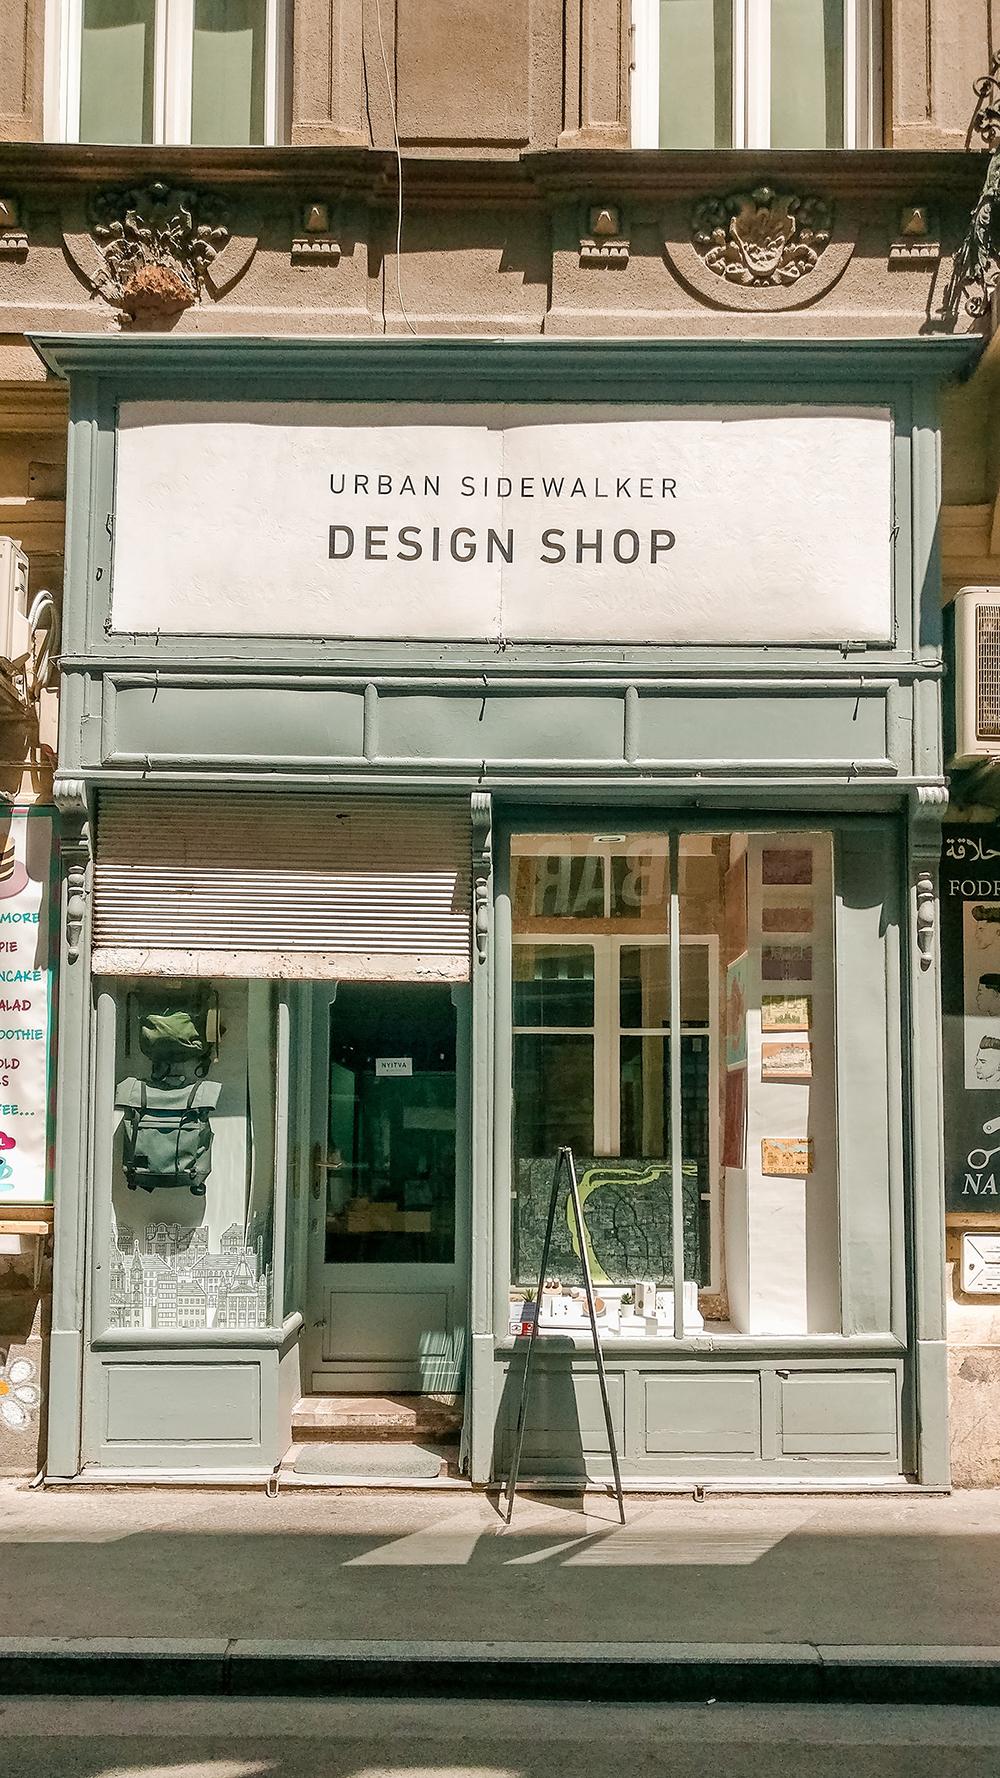 Urban Sidewalker Design Shop - Budapest design shop guide to best Hungarian souvenirs | Aliz's Wonderland